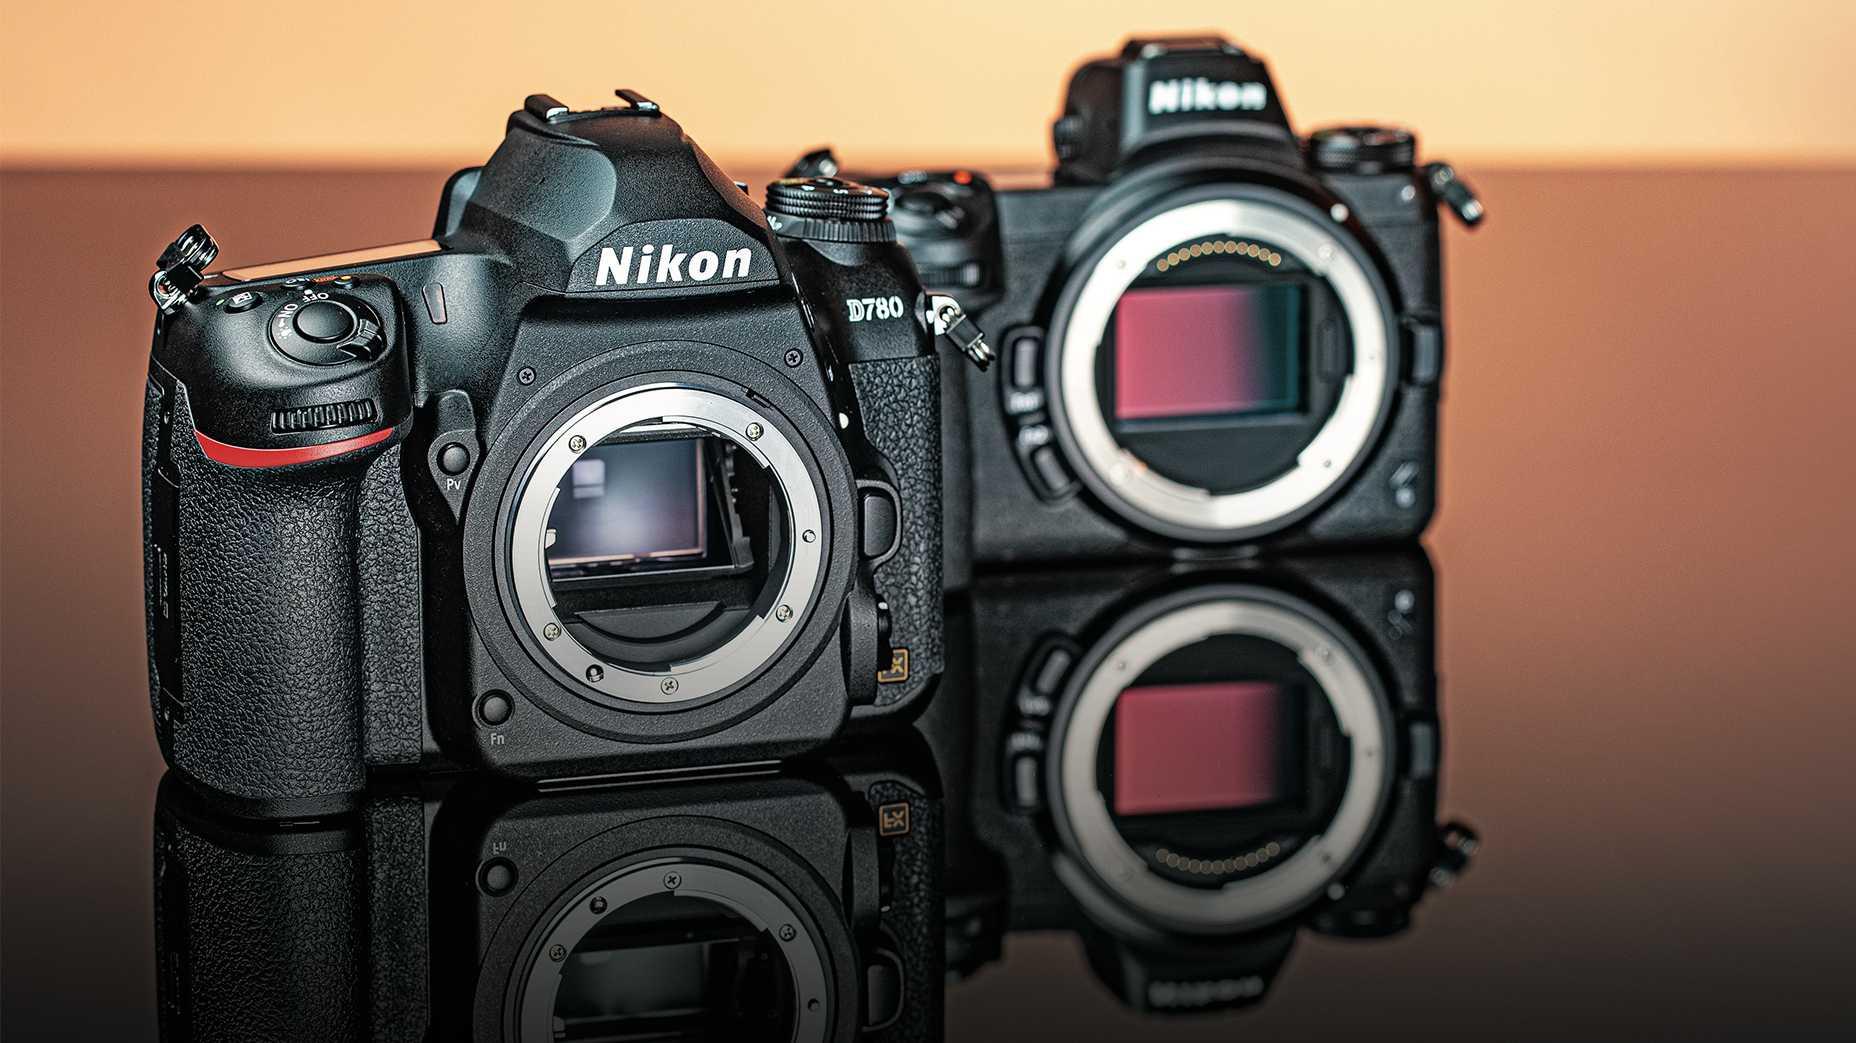 Spiegelreflexkamera Nikon D780 im Test